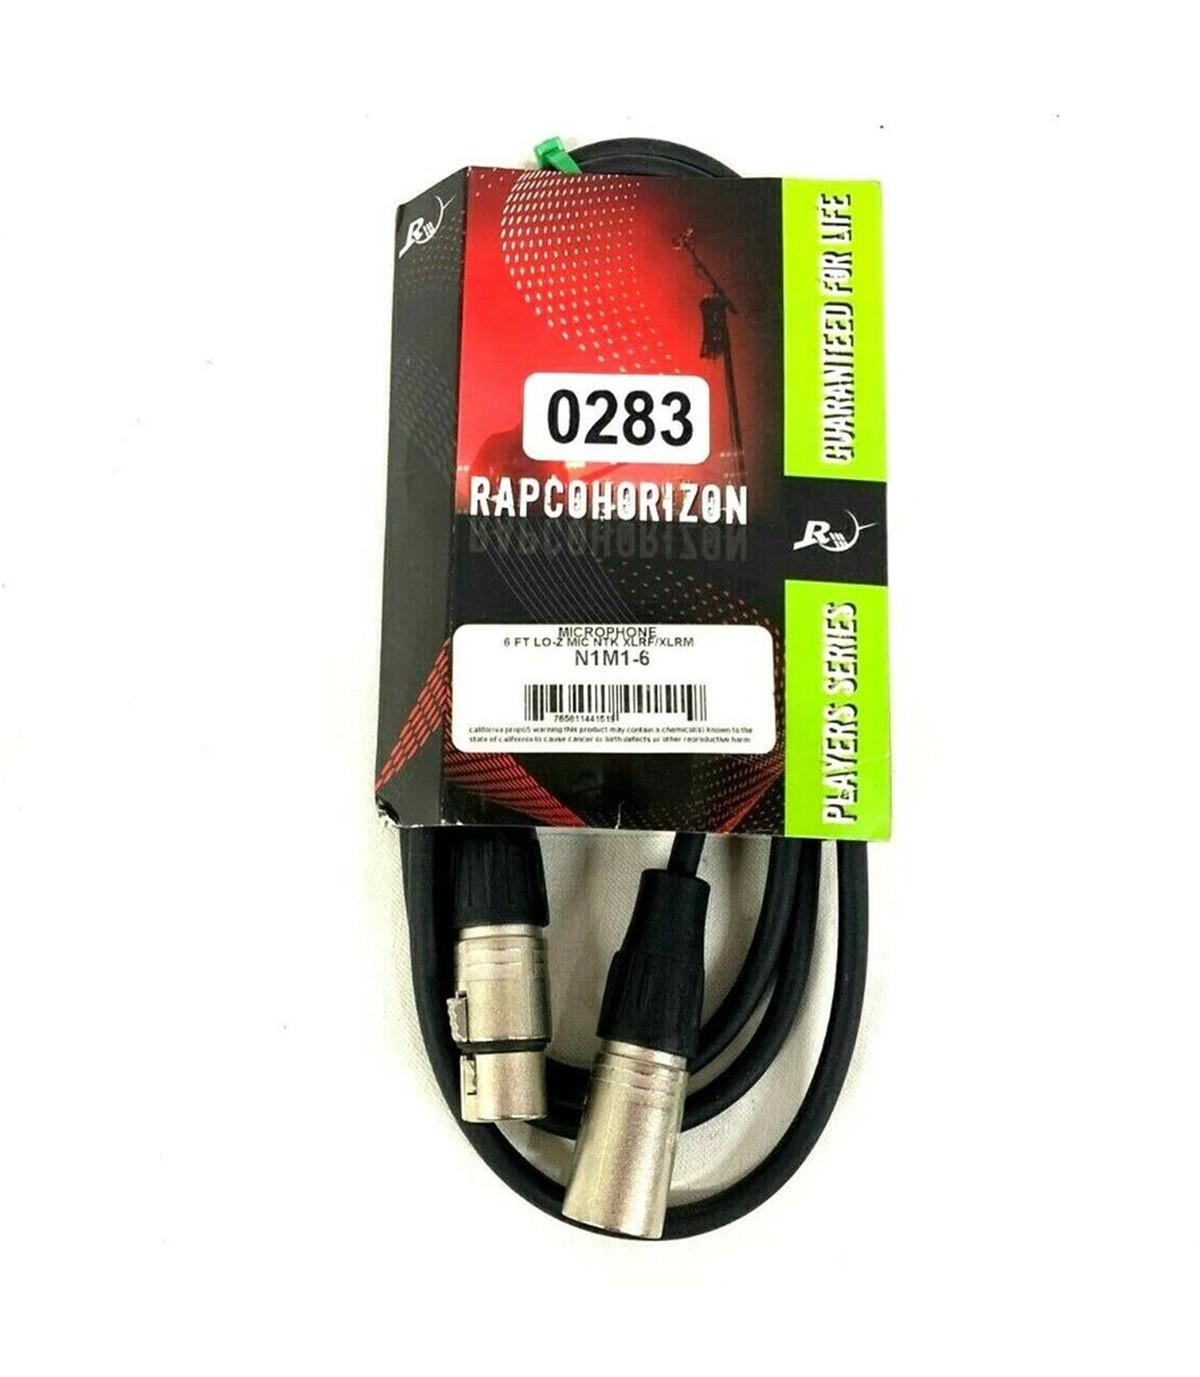 CABO P/MICROFONE XLR 7.5M RAPCOHORIZON N1M1-25